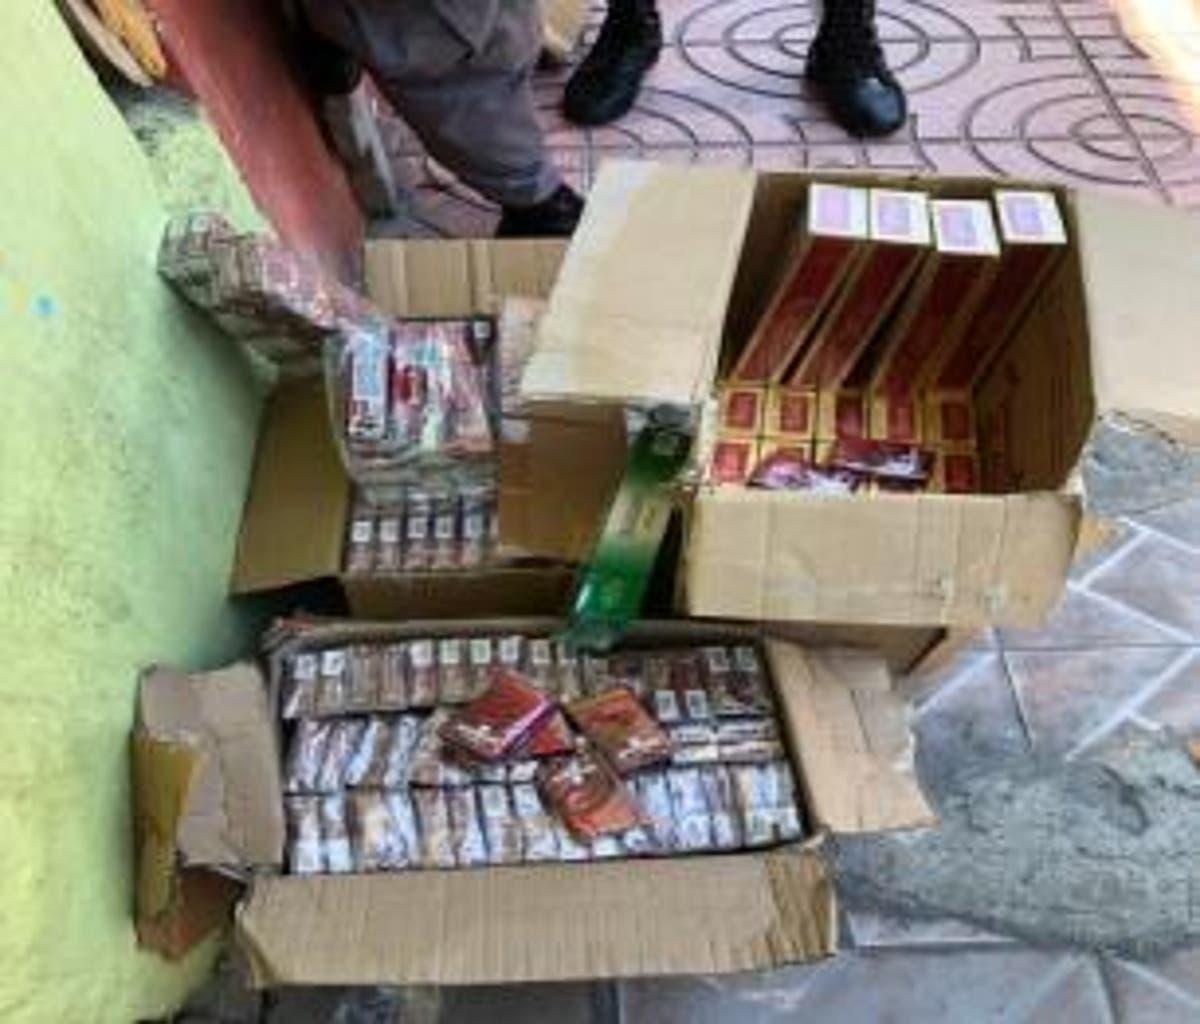 La Policía allana centro comercial y se incauta cigarrillos y otras  mercancías adulteradas | El Día